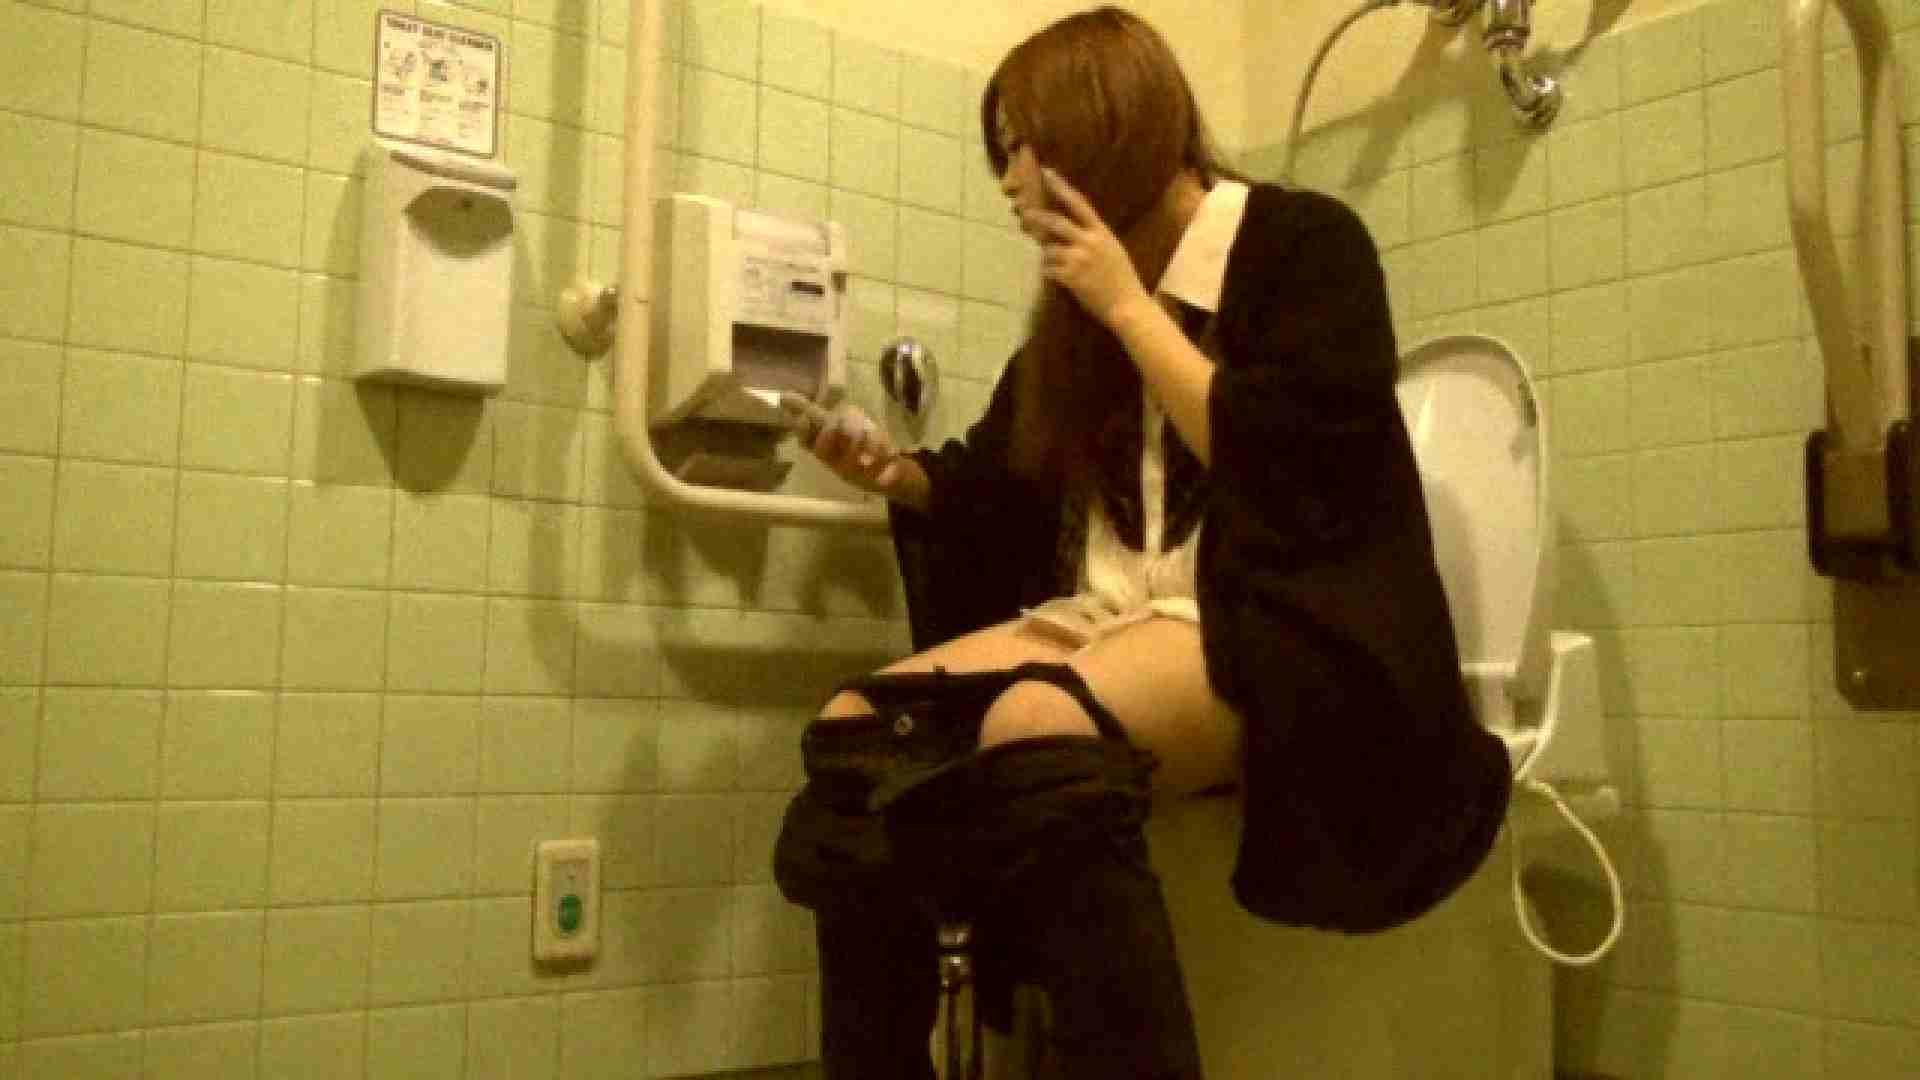 魔術師の お・も・て・な・し vol.26 19歳のバーの店員さんの洗面所をしばし… 美しいOLの裸体 | イタズラ  73pic 37